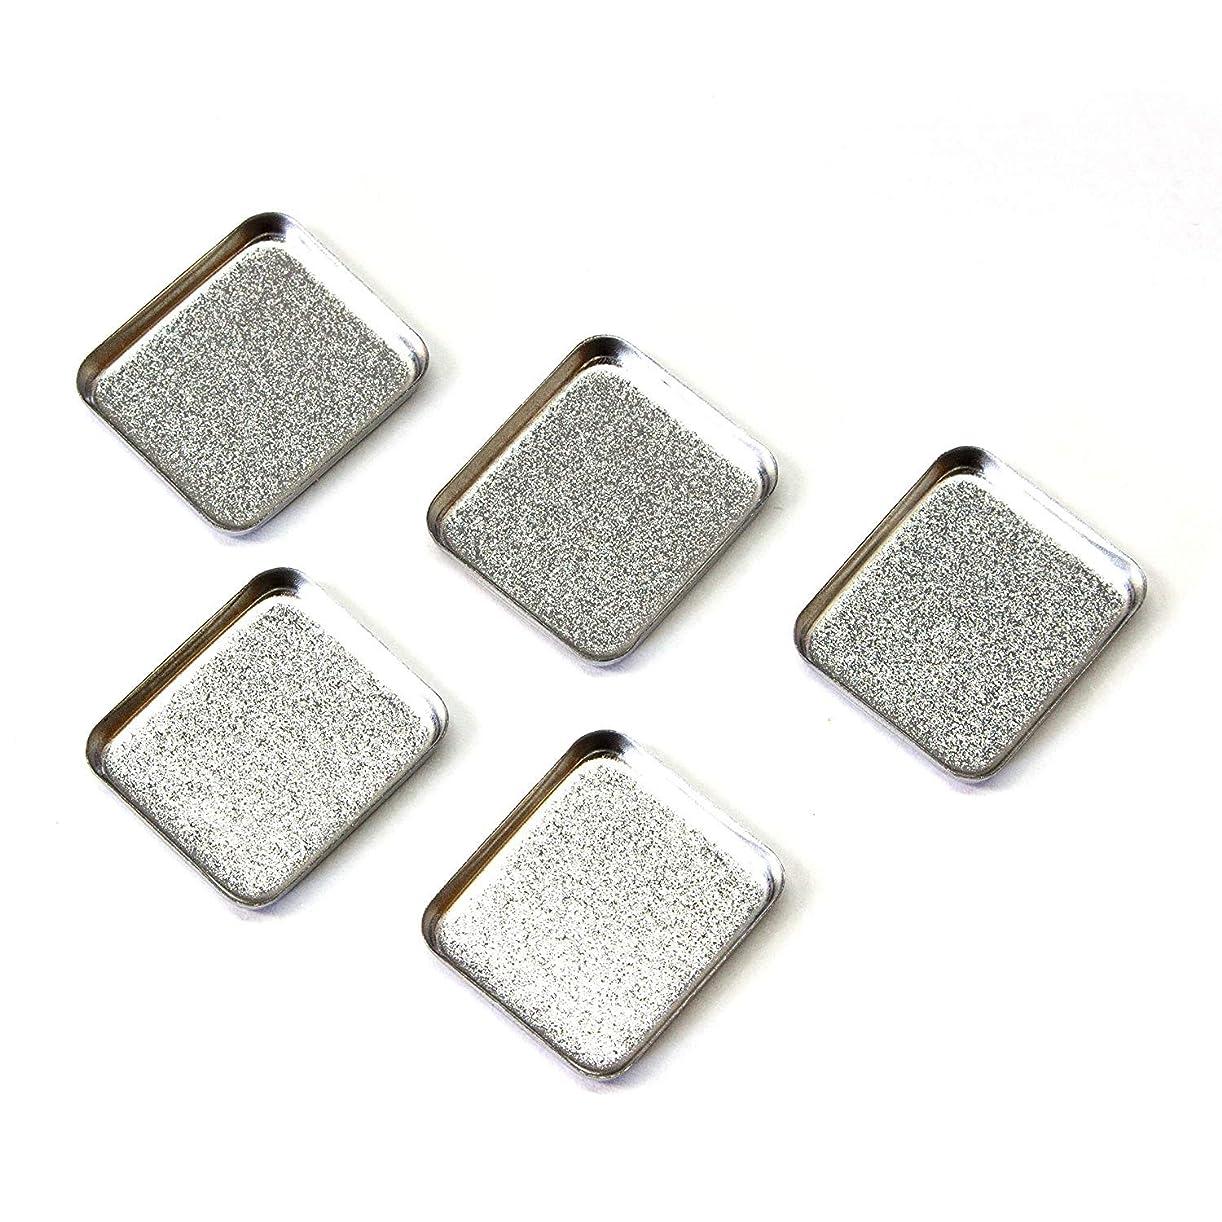 数学マイコン人工手作りアイシャドウパレット用 角型金皿 5枚セット (メイク用)